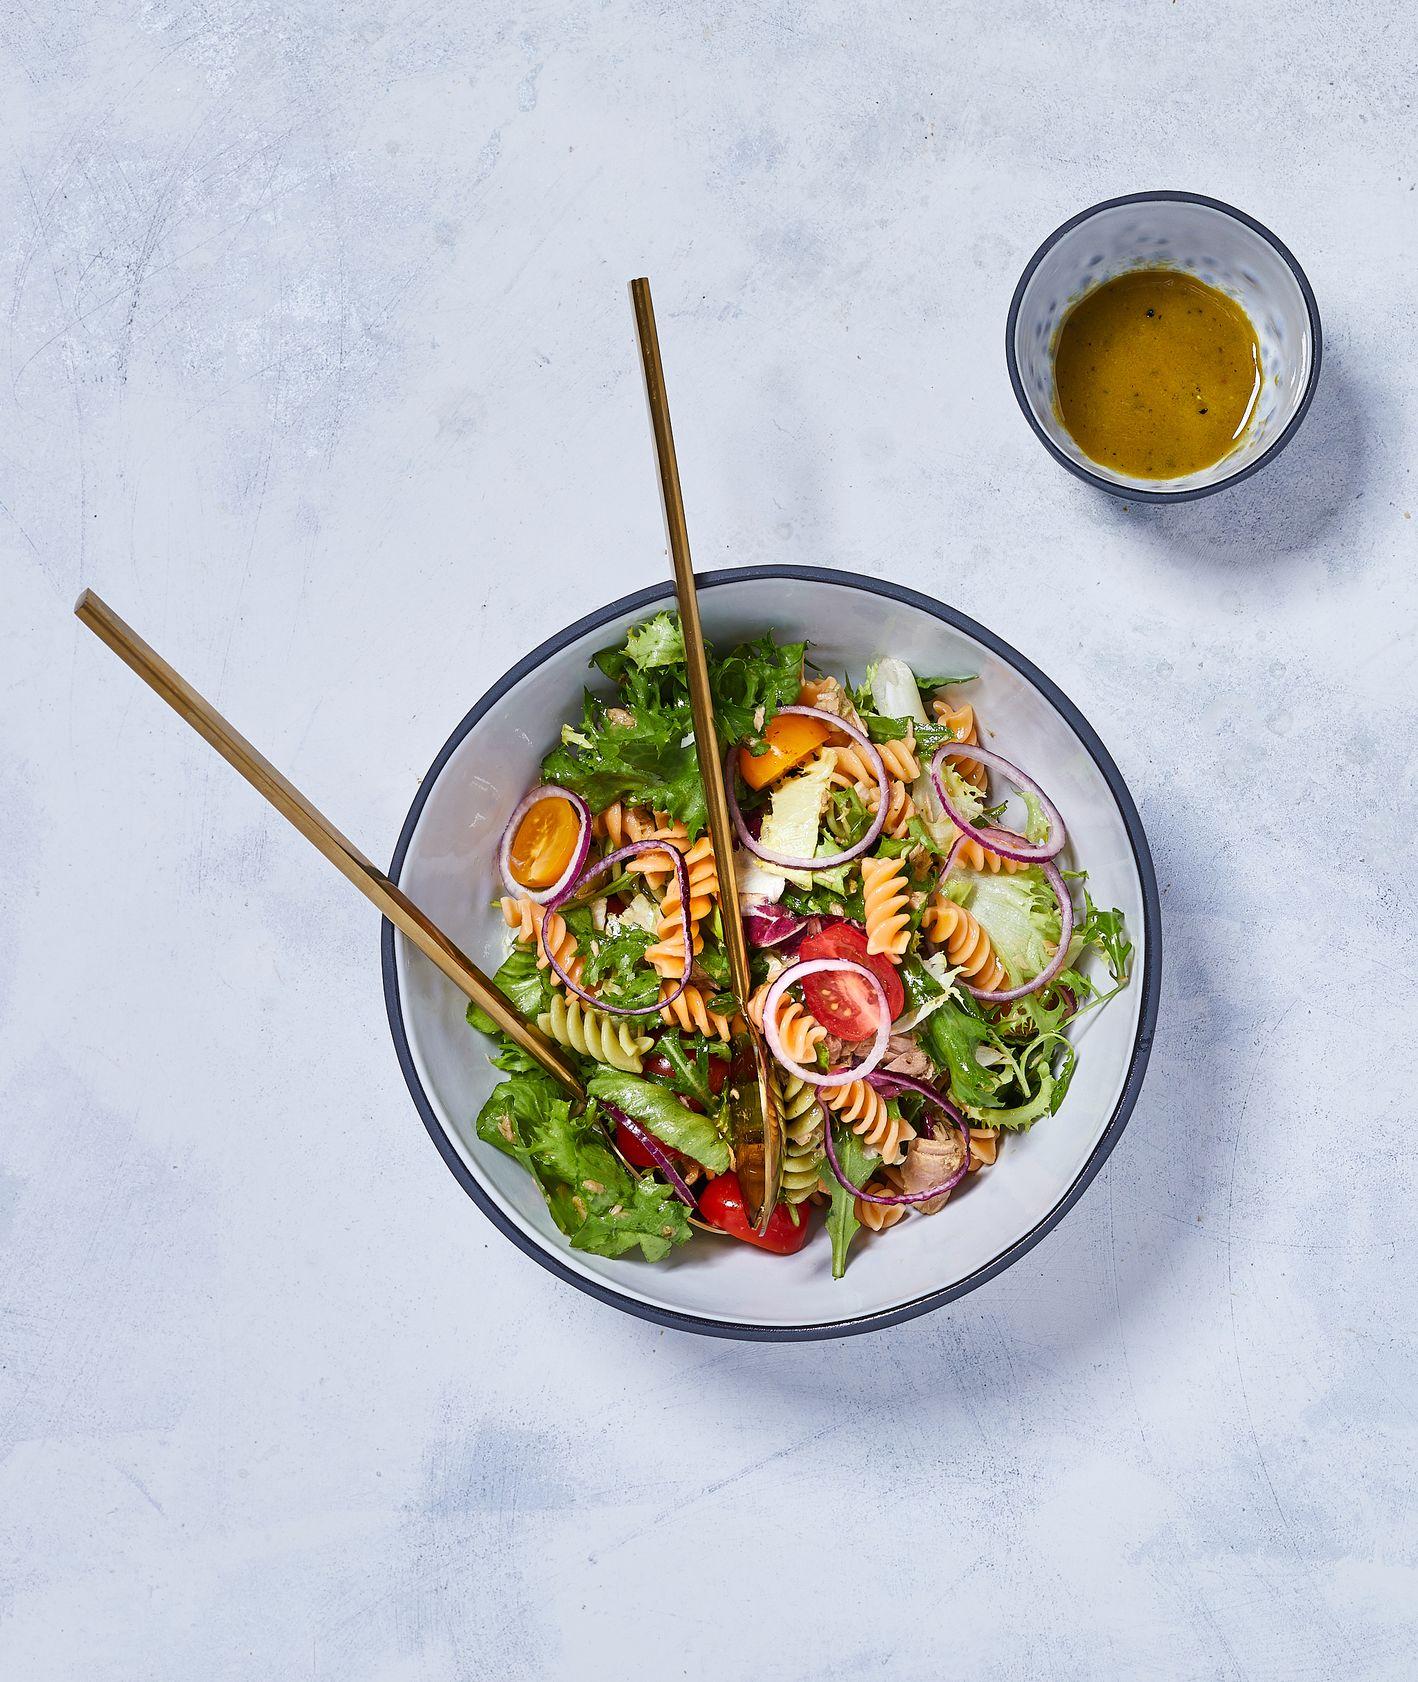 Zielona sałatka z makaronem, pomidorkami koktajlowymi, czerwoną cebulą, oliwkami i tuńczykiem podana z sosem miodowo-musztardowym, sezonówki sałata